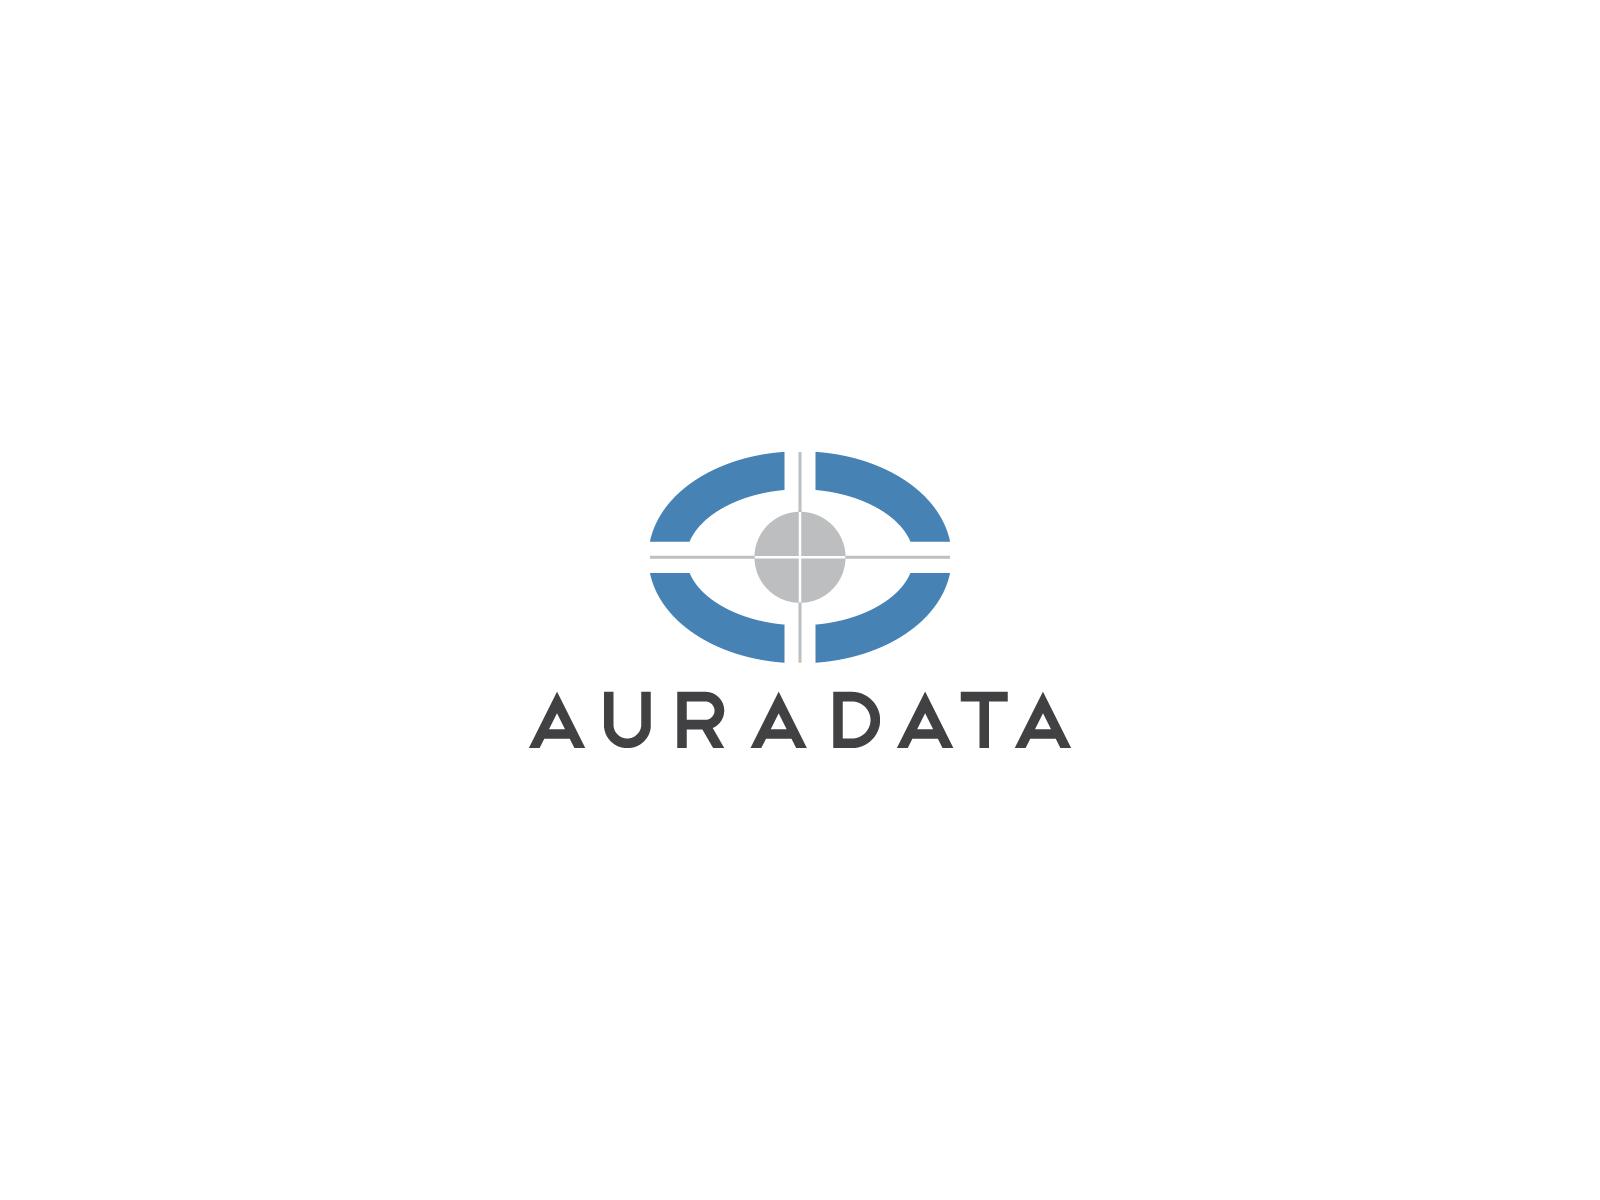 AuraData